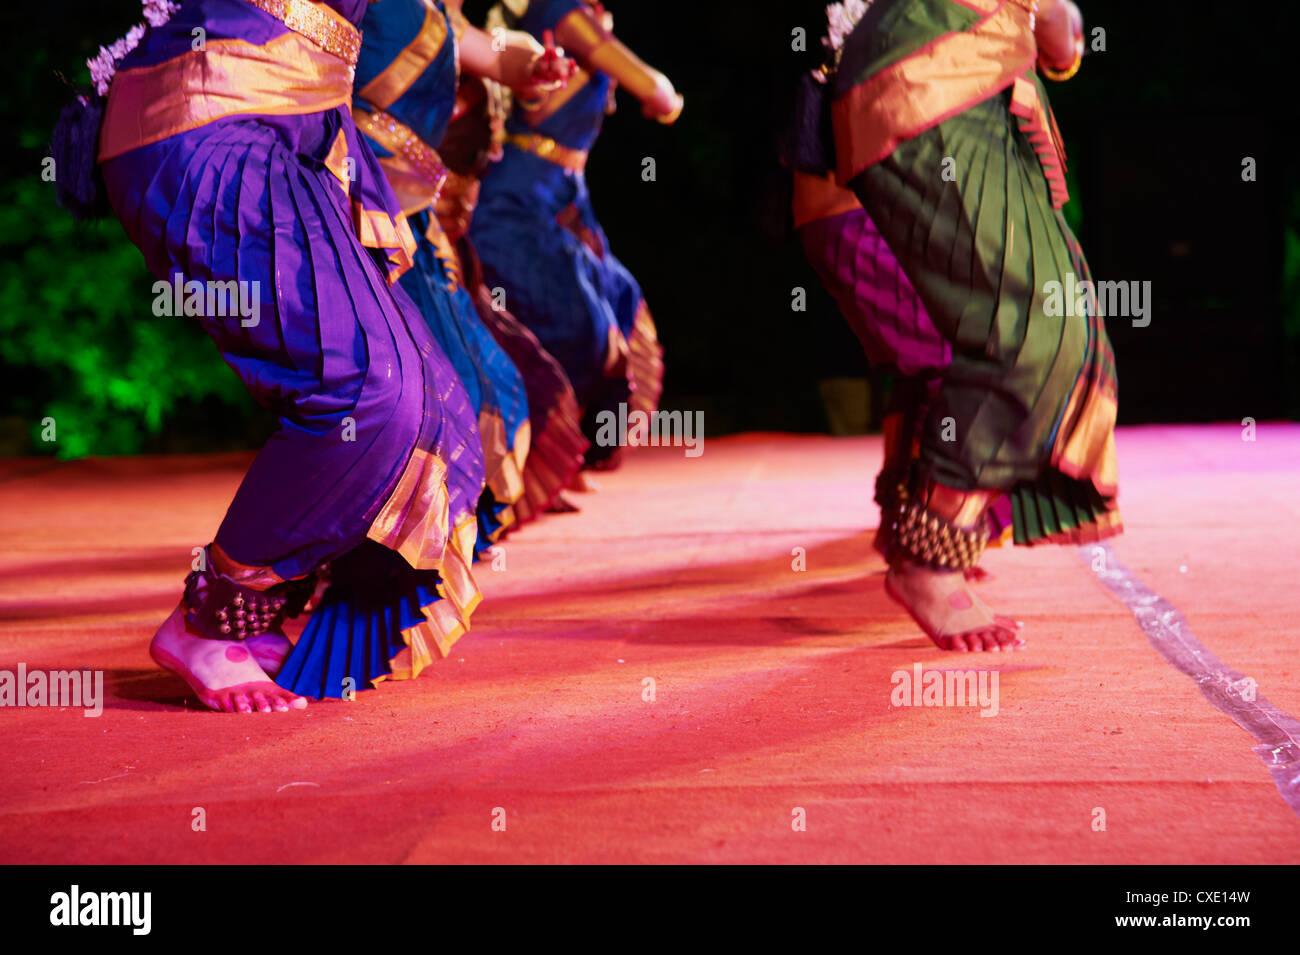 Frauen-Tänzer, traditionellen indischen Tanz Festival, Mamallapuram (Mahabalipuram), Tamil Nadu, Indien, Asien Stockbild